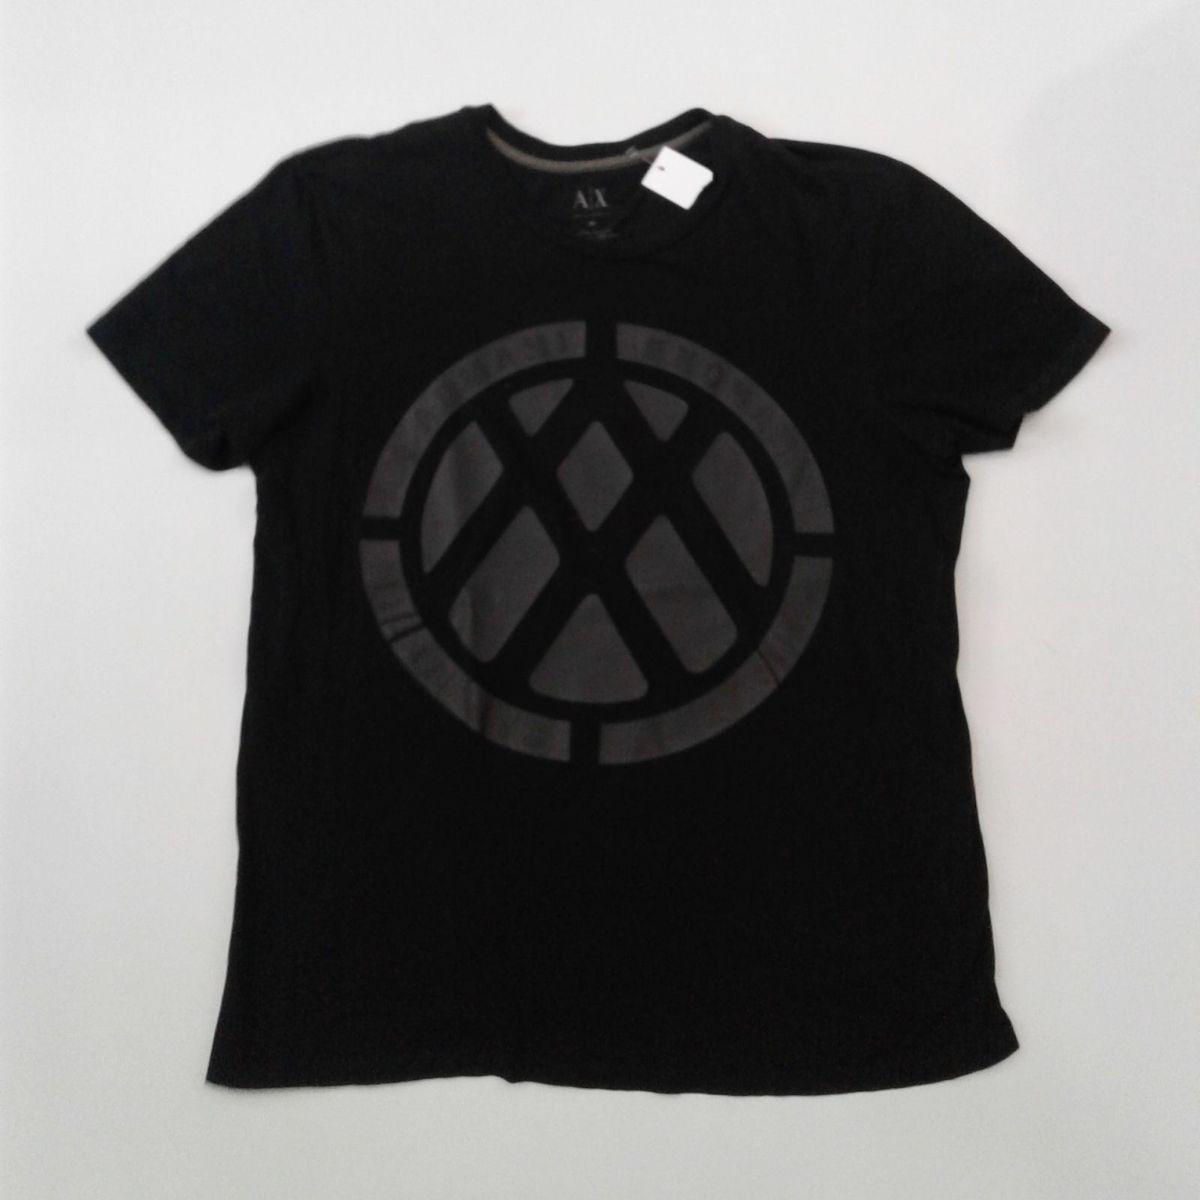 5b2dbe5e90c Camiseta Ax Preta